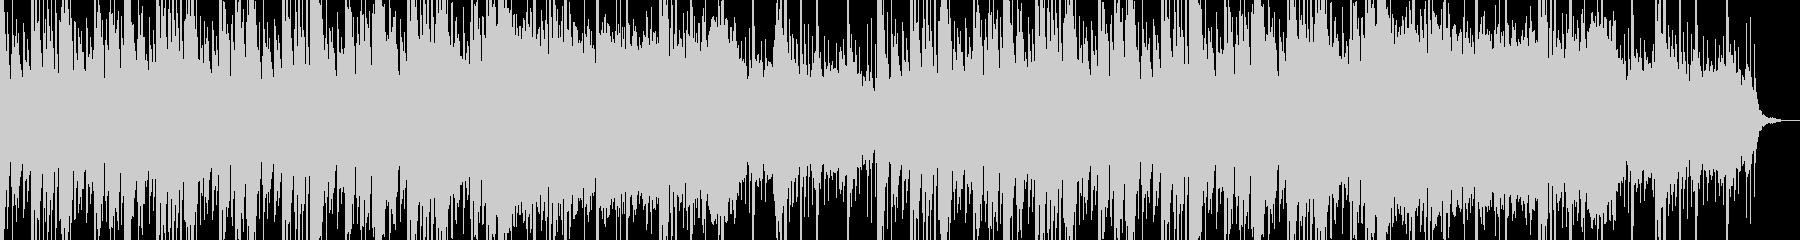 洞窟・ダンジョン・鉱山(ループ可能)の未再生の波形